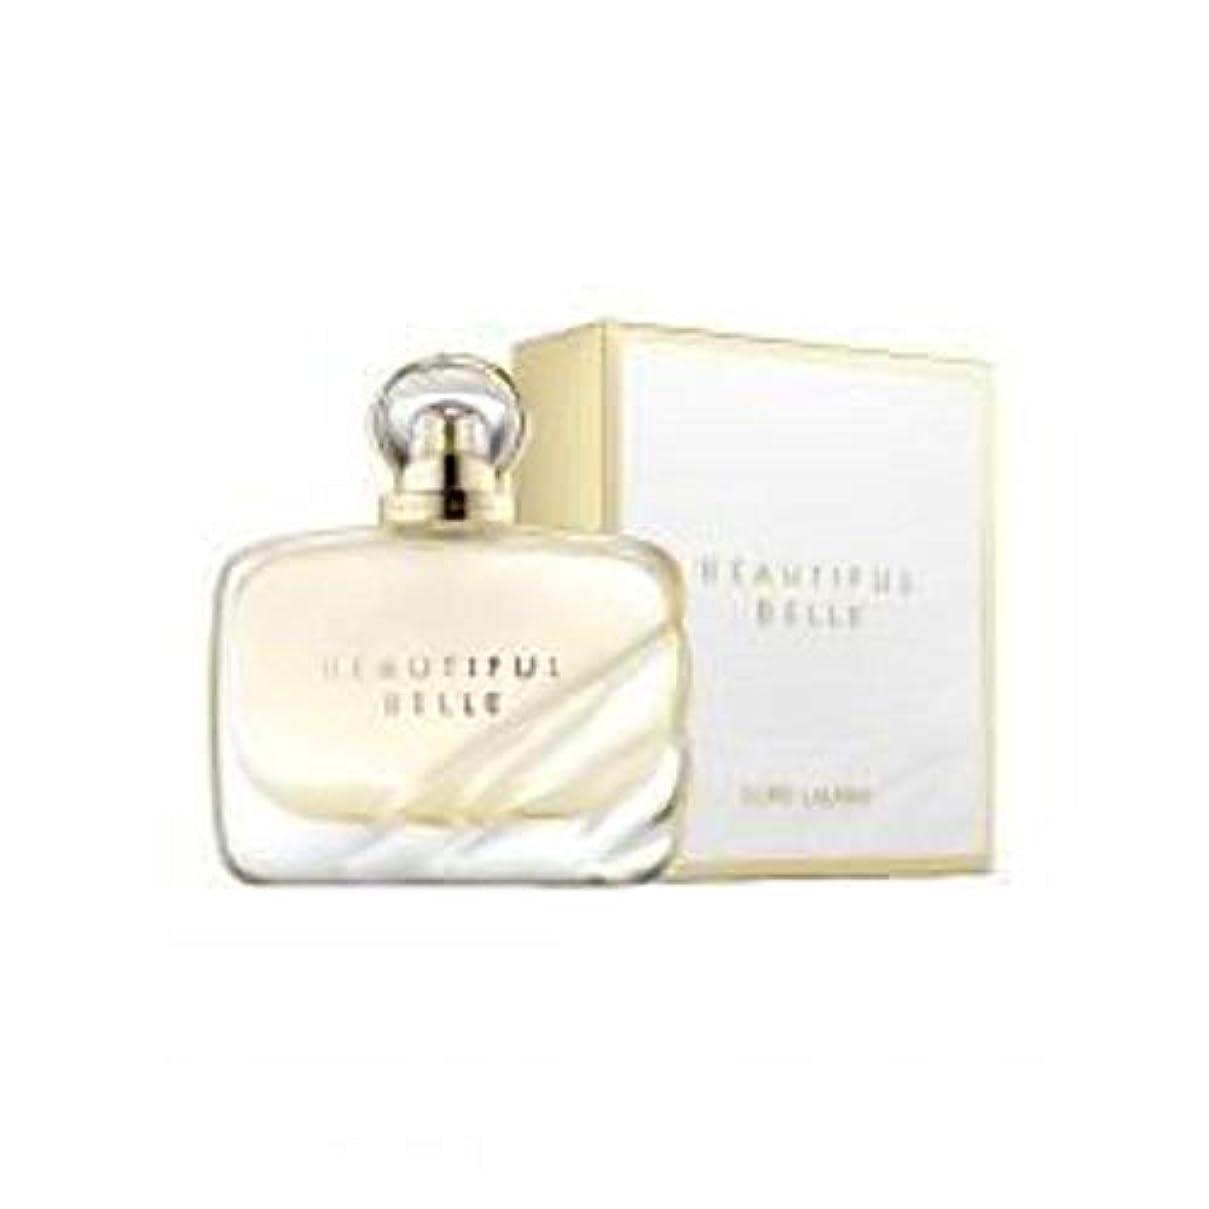 印象カタログアマチュアEstee Lauder Beautiful Belle 100 ML Eau de Parfum